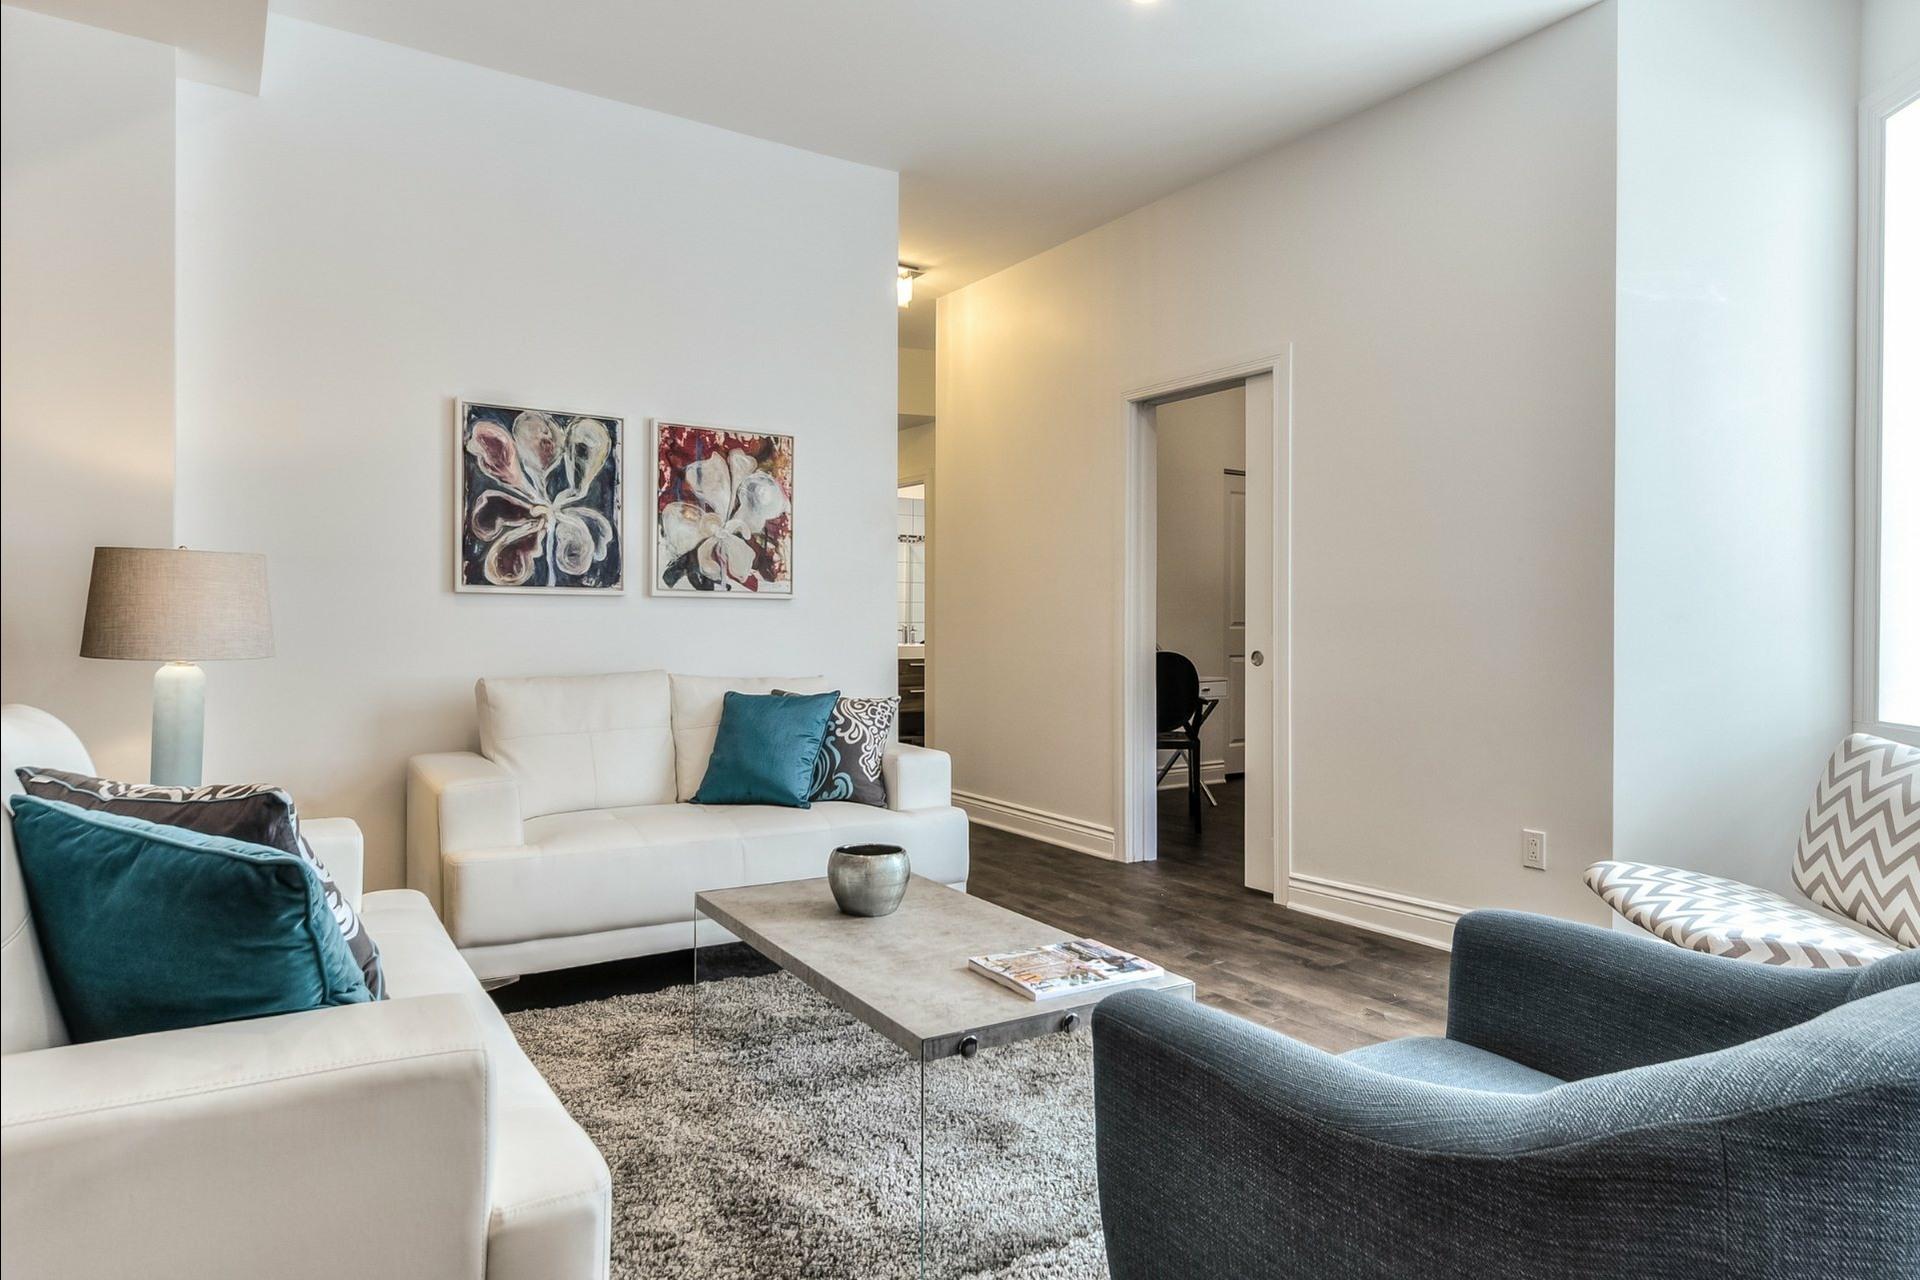 image 12 - Appartement À louer Montréal Le Plateau-Mont-Royal  - 7 pièces